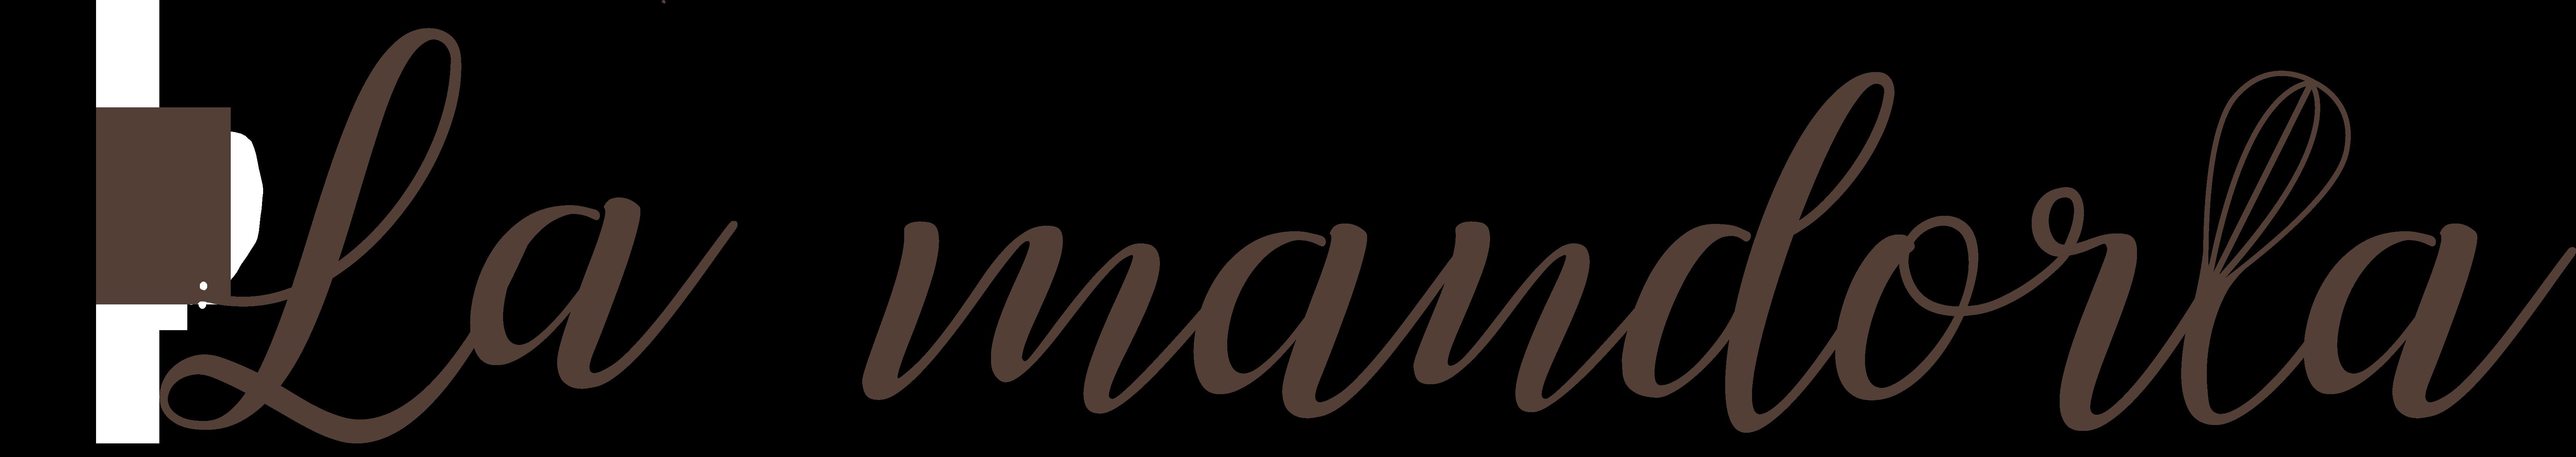 La Mandorla – Tutto per la per pasticceria